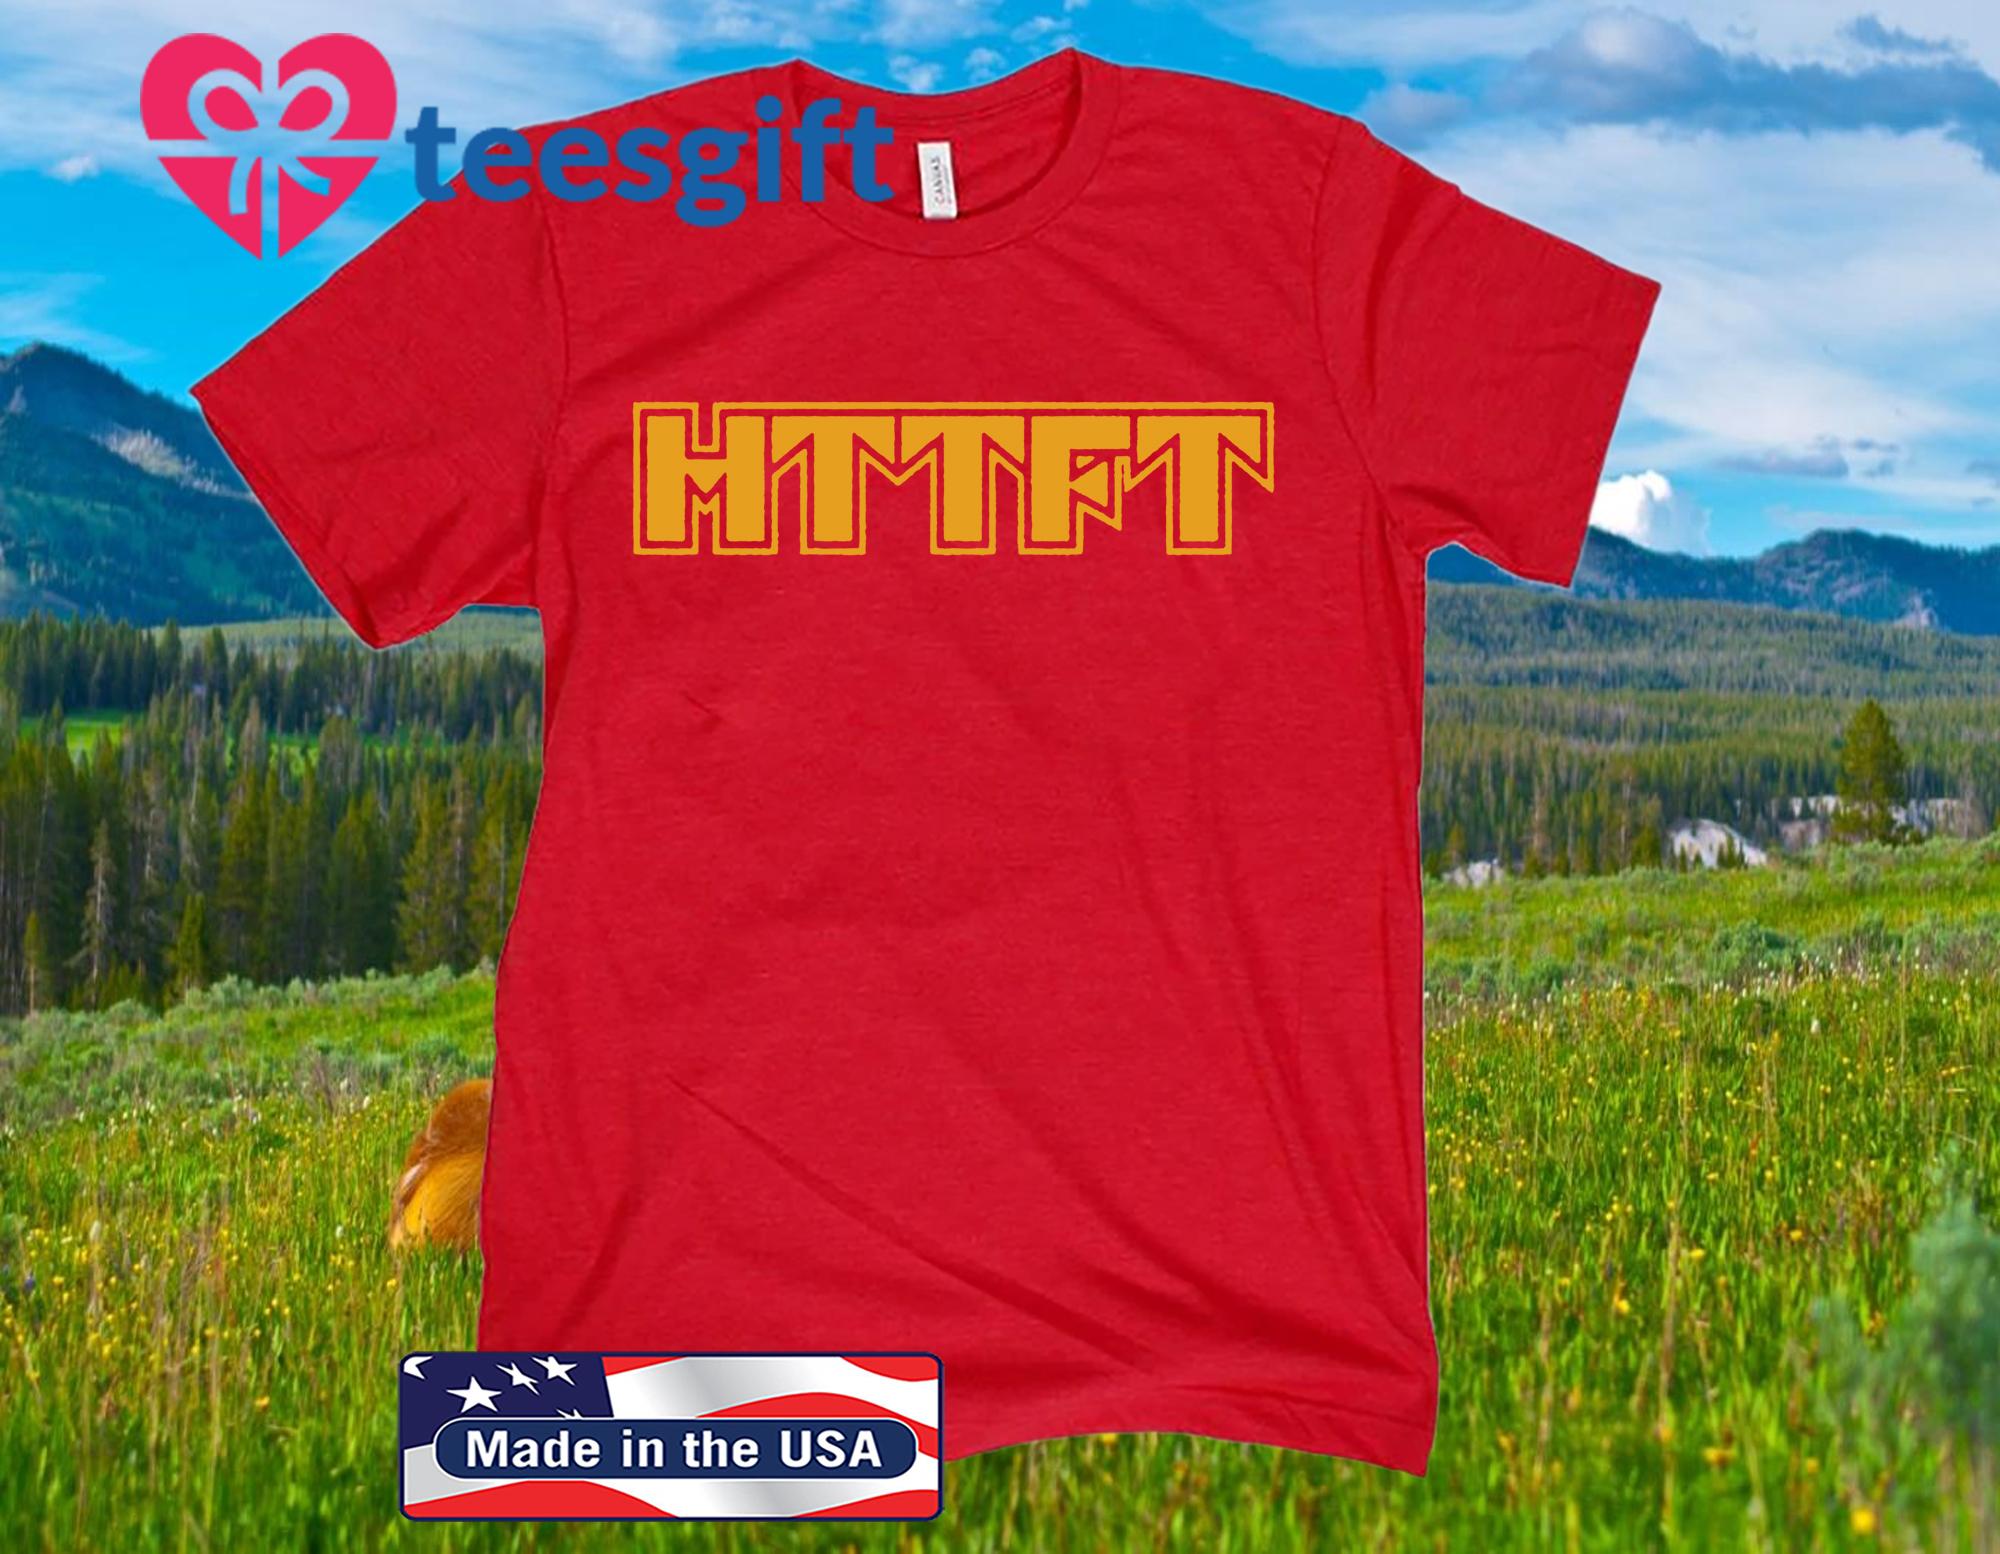 HTTFT T-Shirt The Football Team